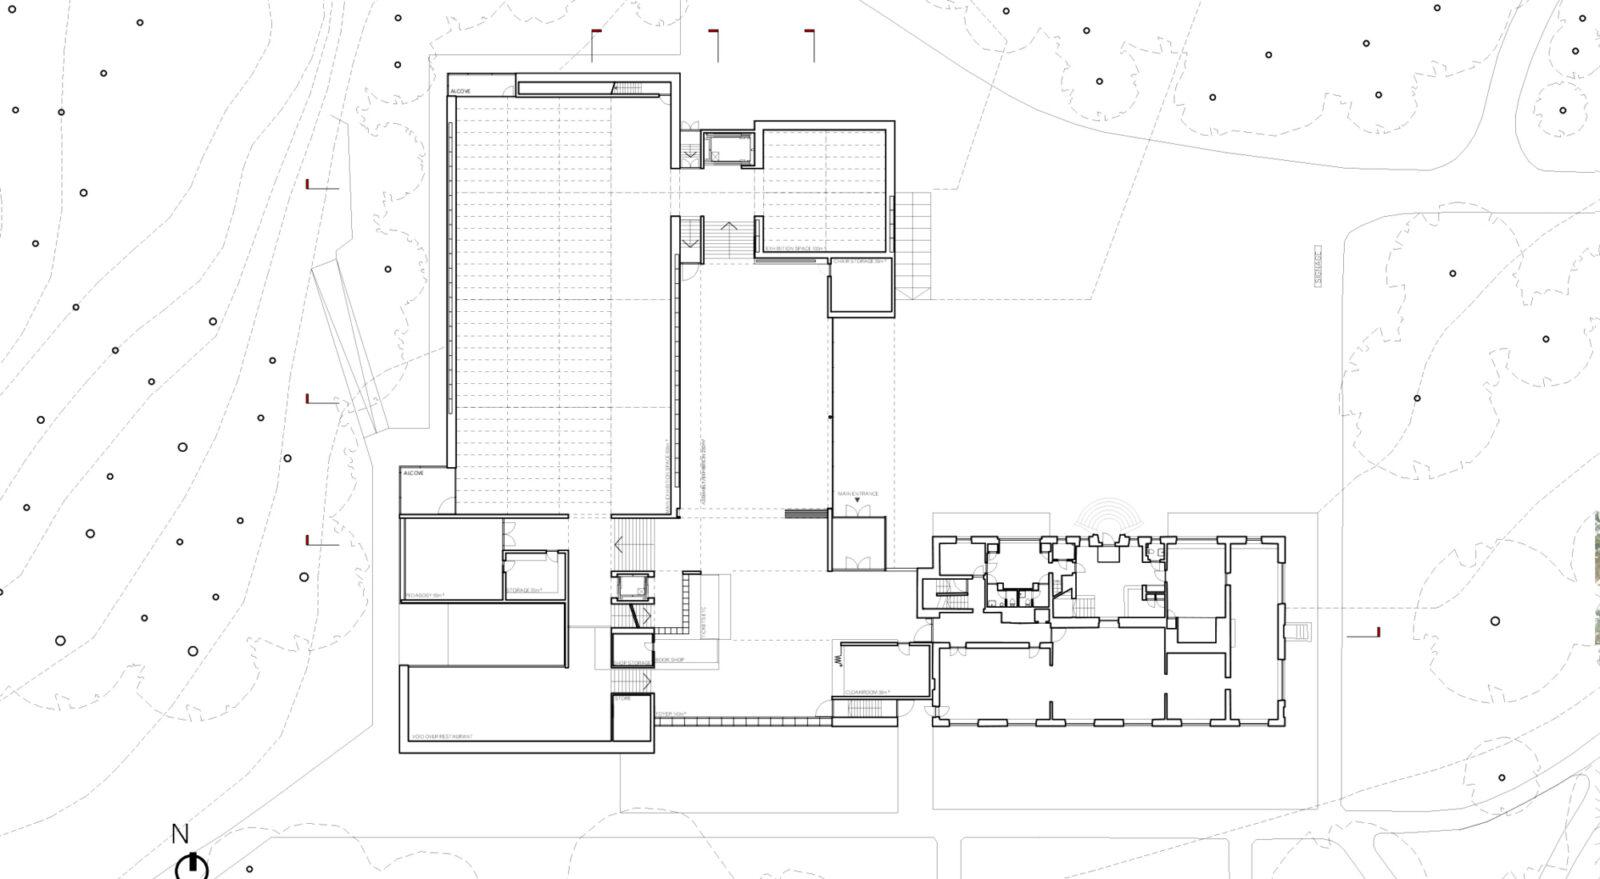 Upper Ground Floor Plan